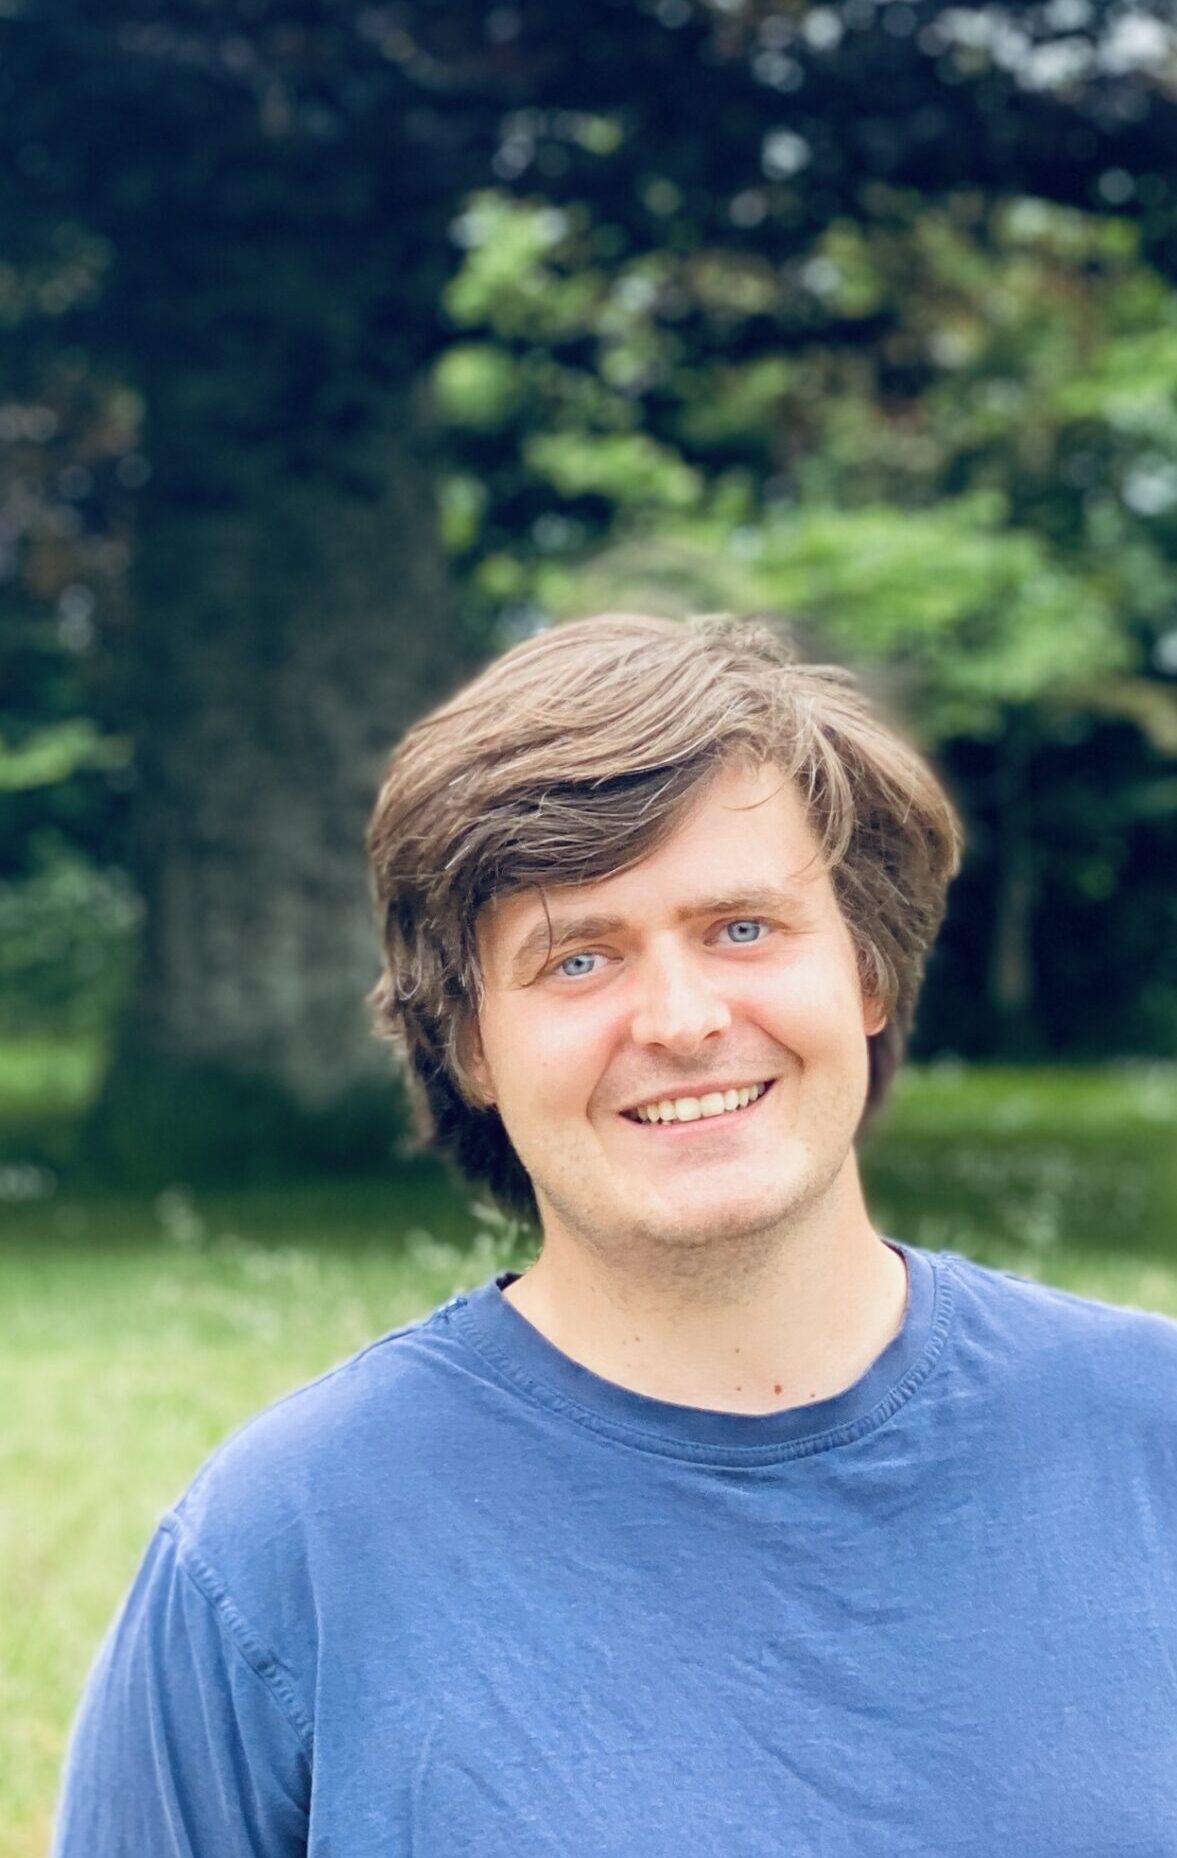 Johannes Guttorm Thomsen